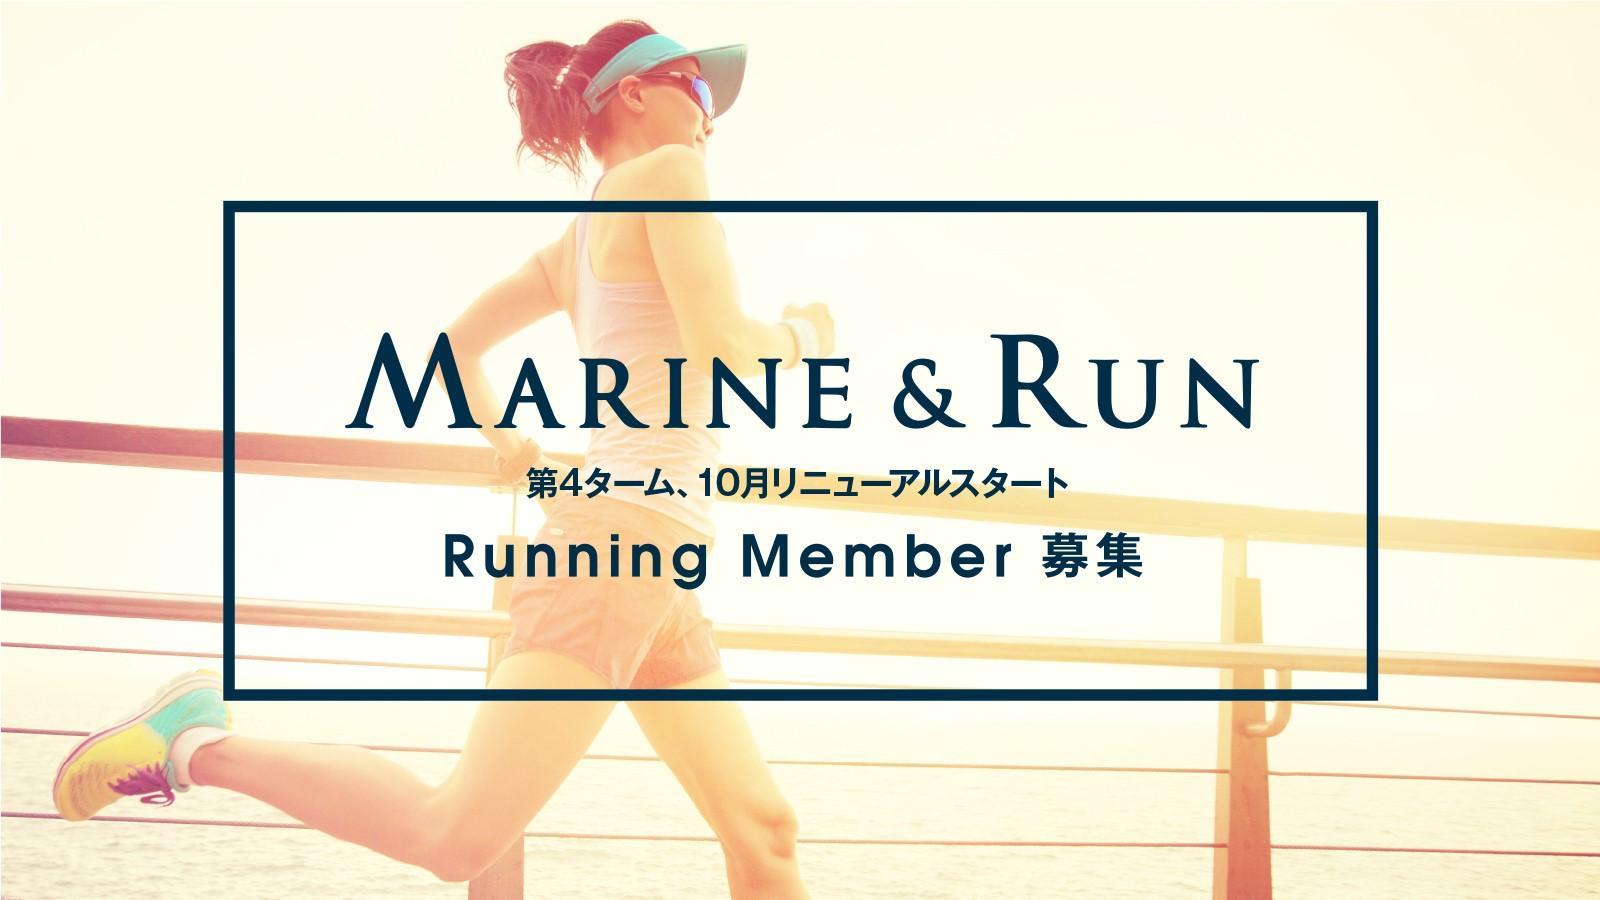 「MARINE&RUN」4th Term 10月よりリニューアルスタート!